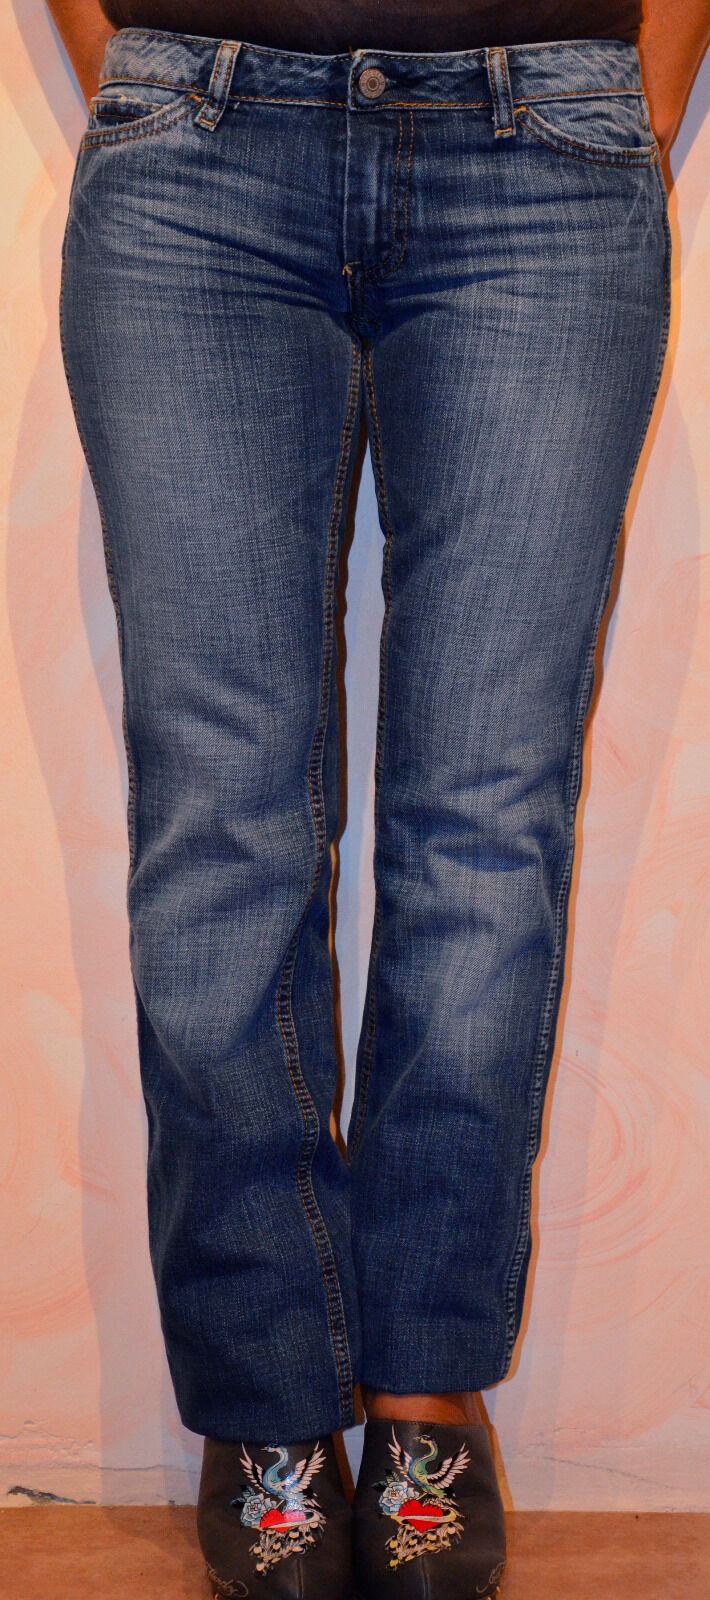 Jeans woman le TEMPS DES CERISES model J102 SIZE W24 (34) NEW value